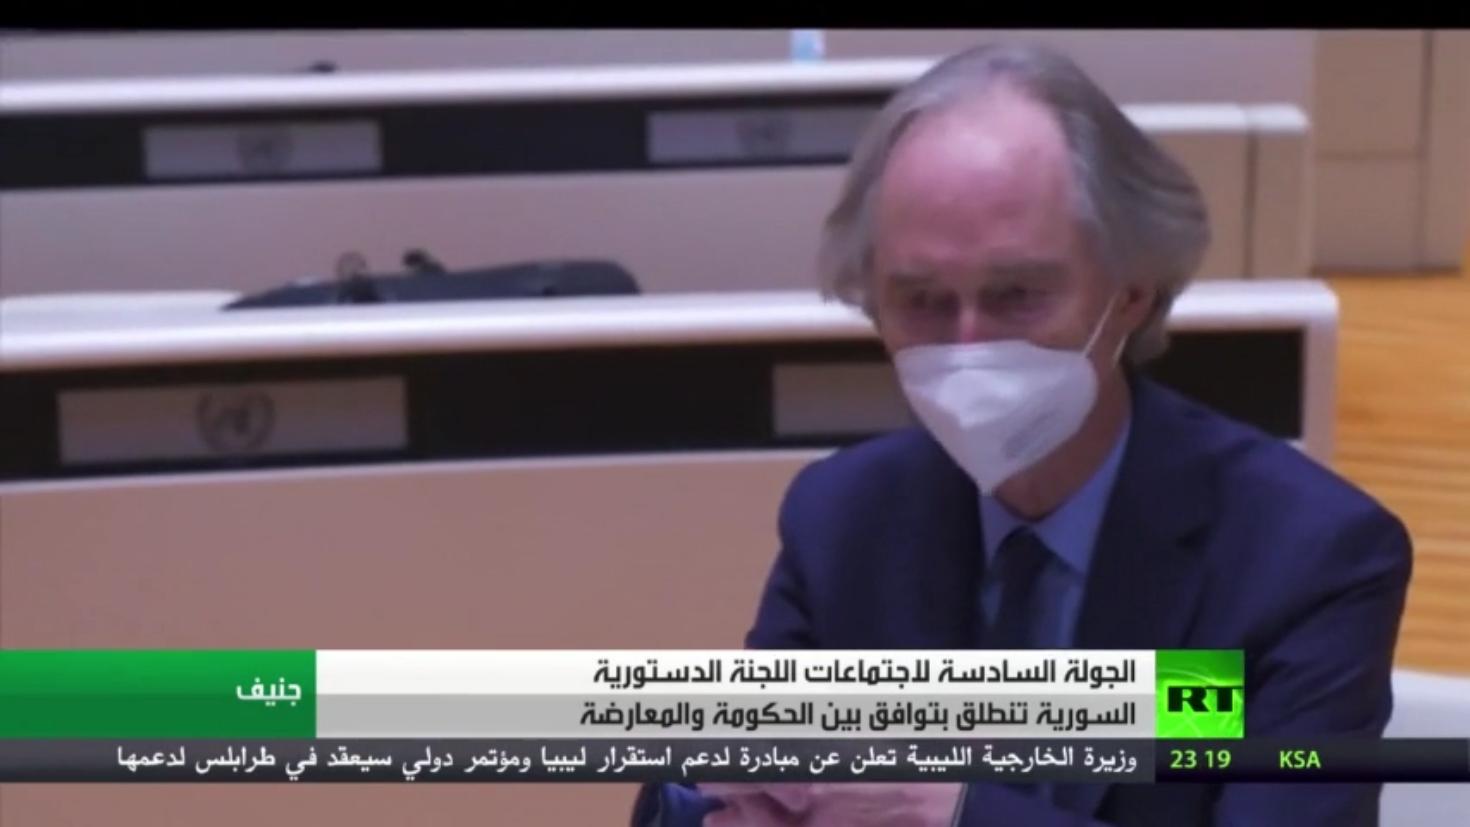 نقاشات صياغة الدستور السوري تنطلق في جنيف